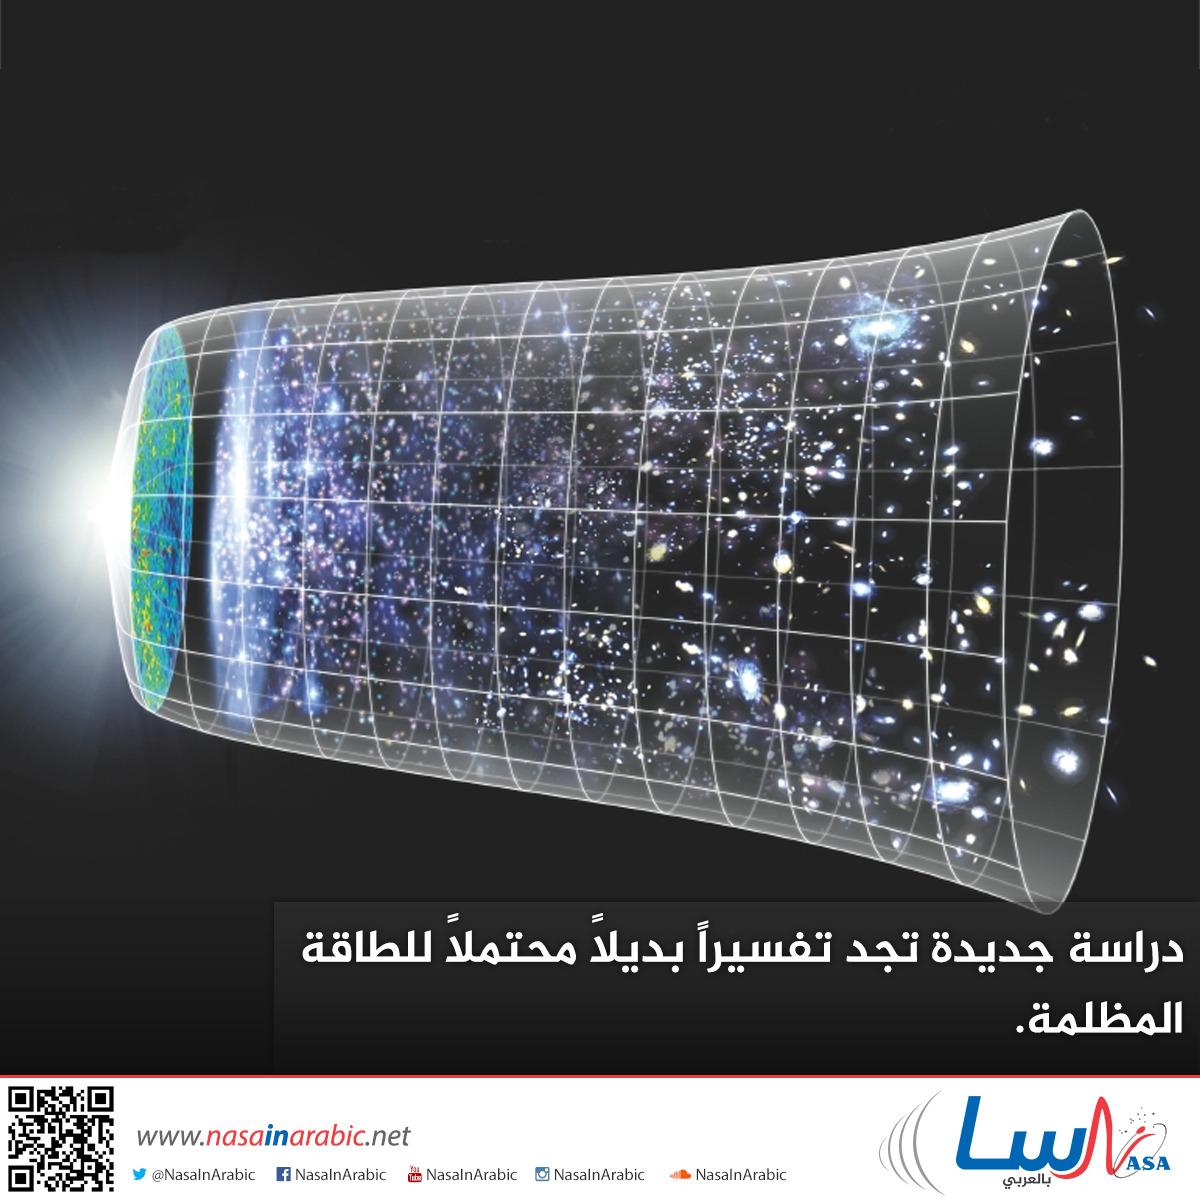 دراسة جديدة تجد تفسيراً بديلاً محتملاً للطاقة المظلمة.